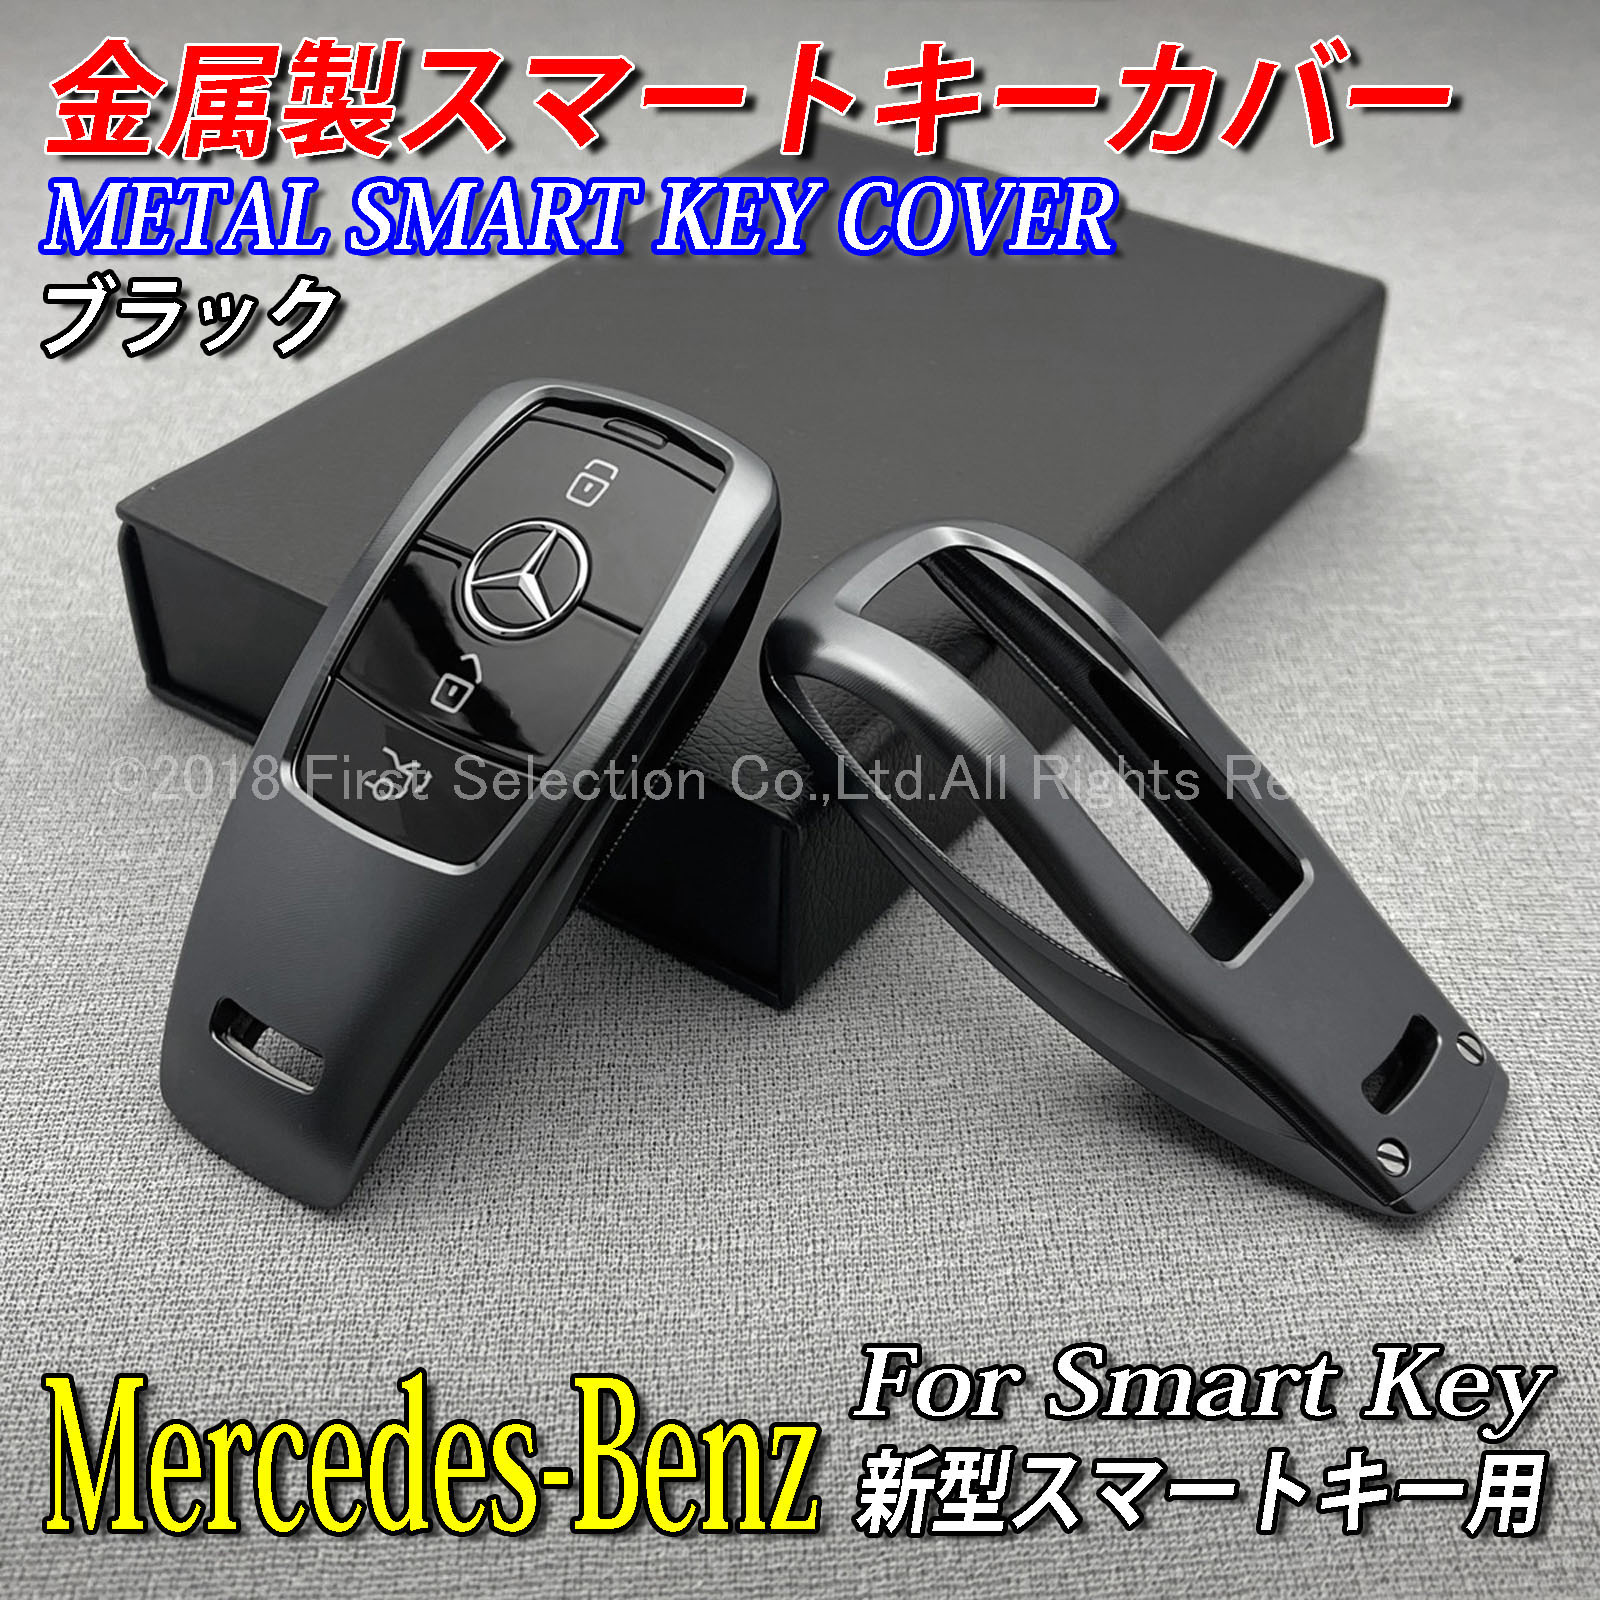 Mercedes-Benz ベンツ 新型スマートキー用 軽量金属製スマートキーカバー黒 W177 V177 W247 W205 W213 W222 C118 C257 H247 X247 X167